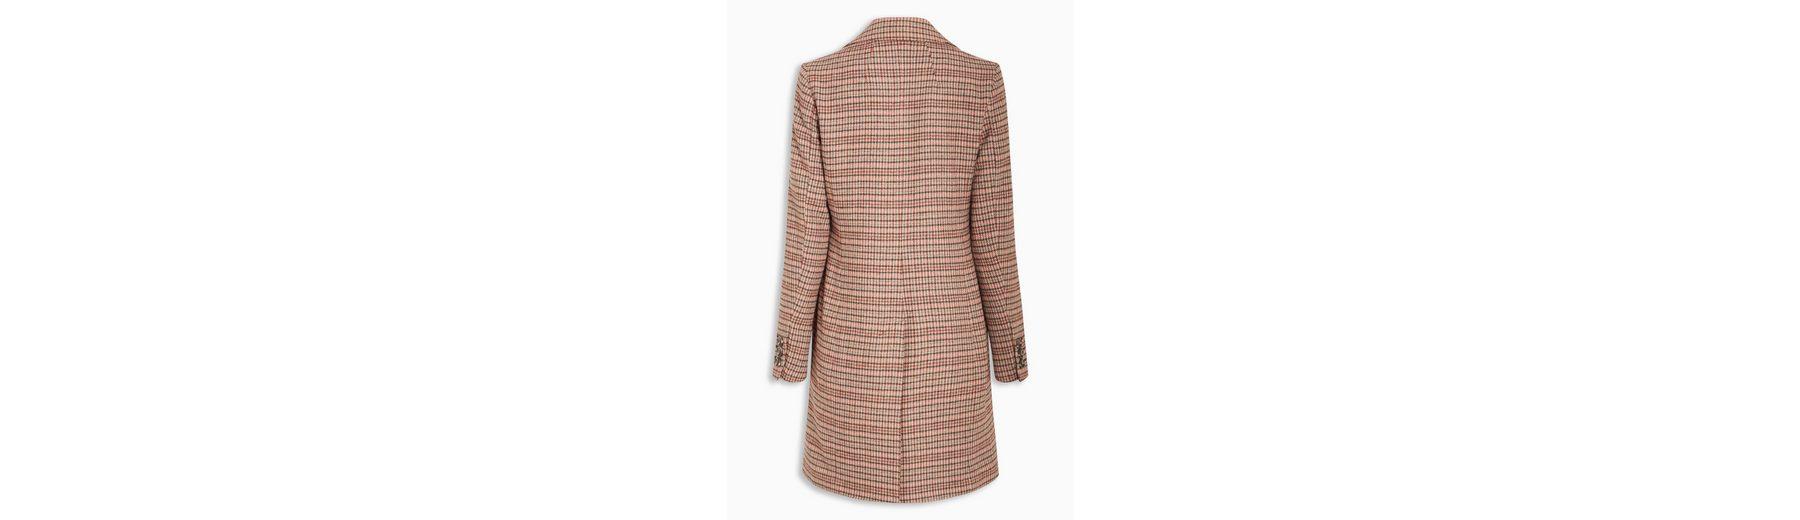 Verkaufsangebote Niedrig Versandkosten Next Mantel aus Wollgemisch Aberdeen Billig Zuverlässig Günstiges Online-Shopping 2Gm1Hh